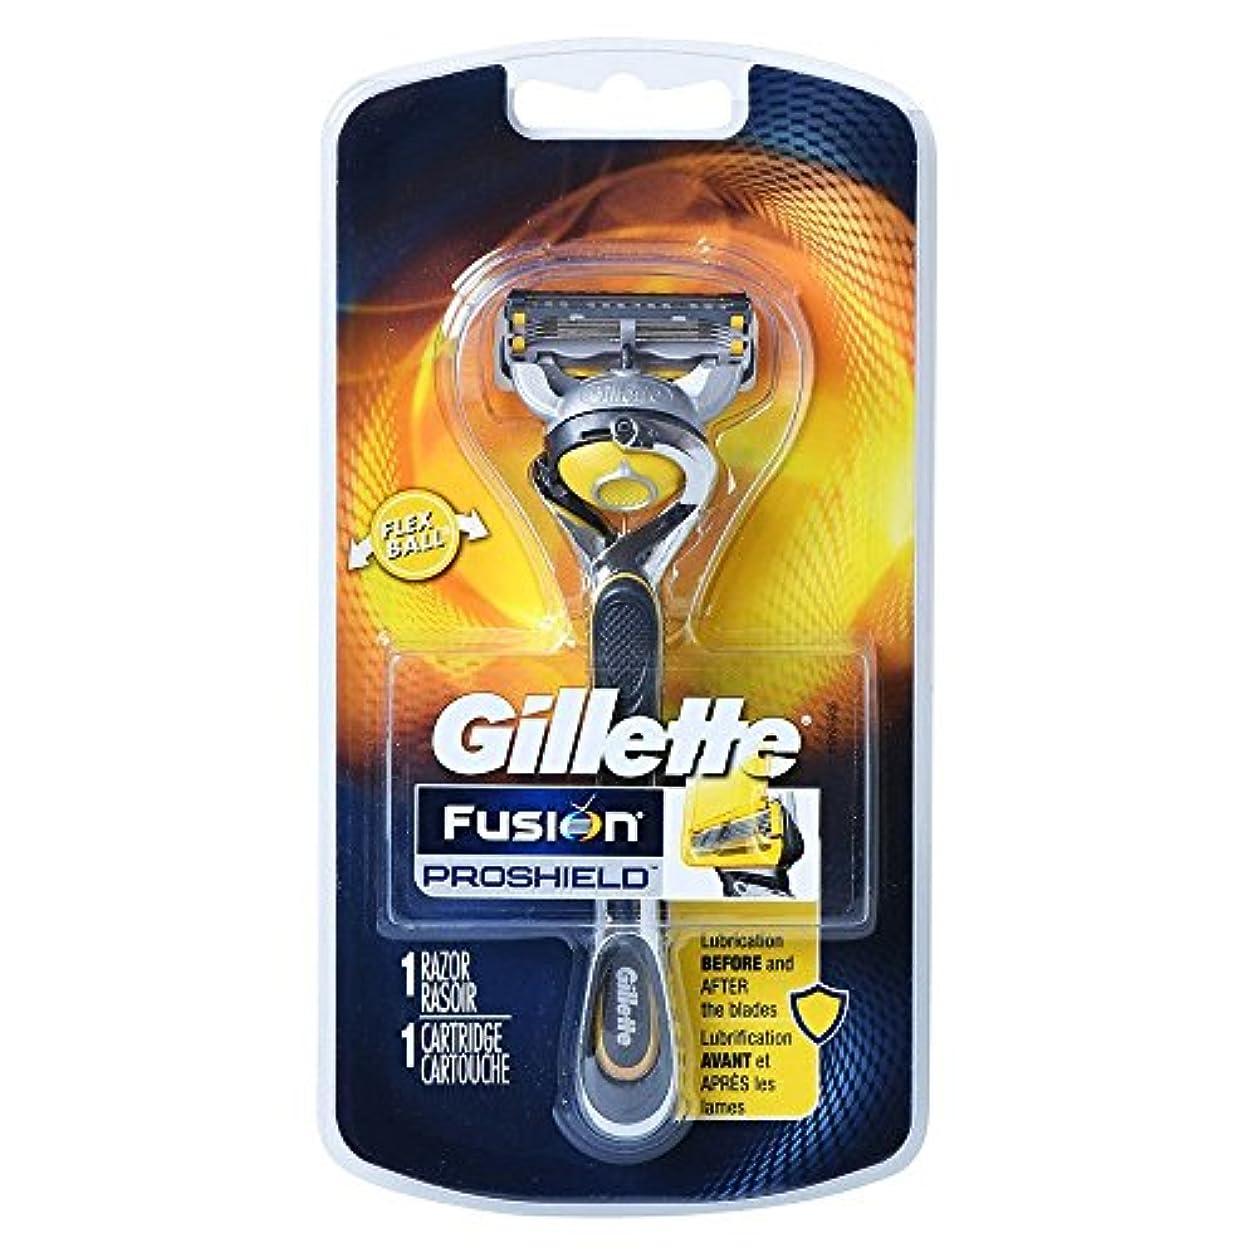 Gillette Fusion Proshield Yellow フレックスボール剃刀でメンズカミソリ Refrills 1 [並行輸入品]